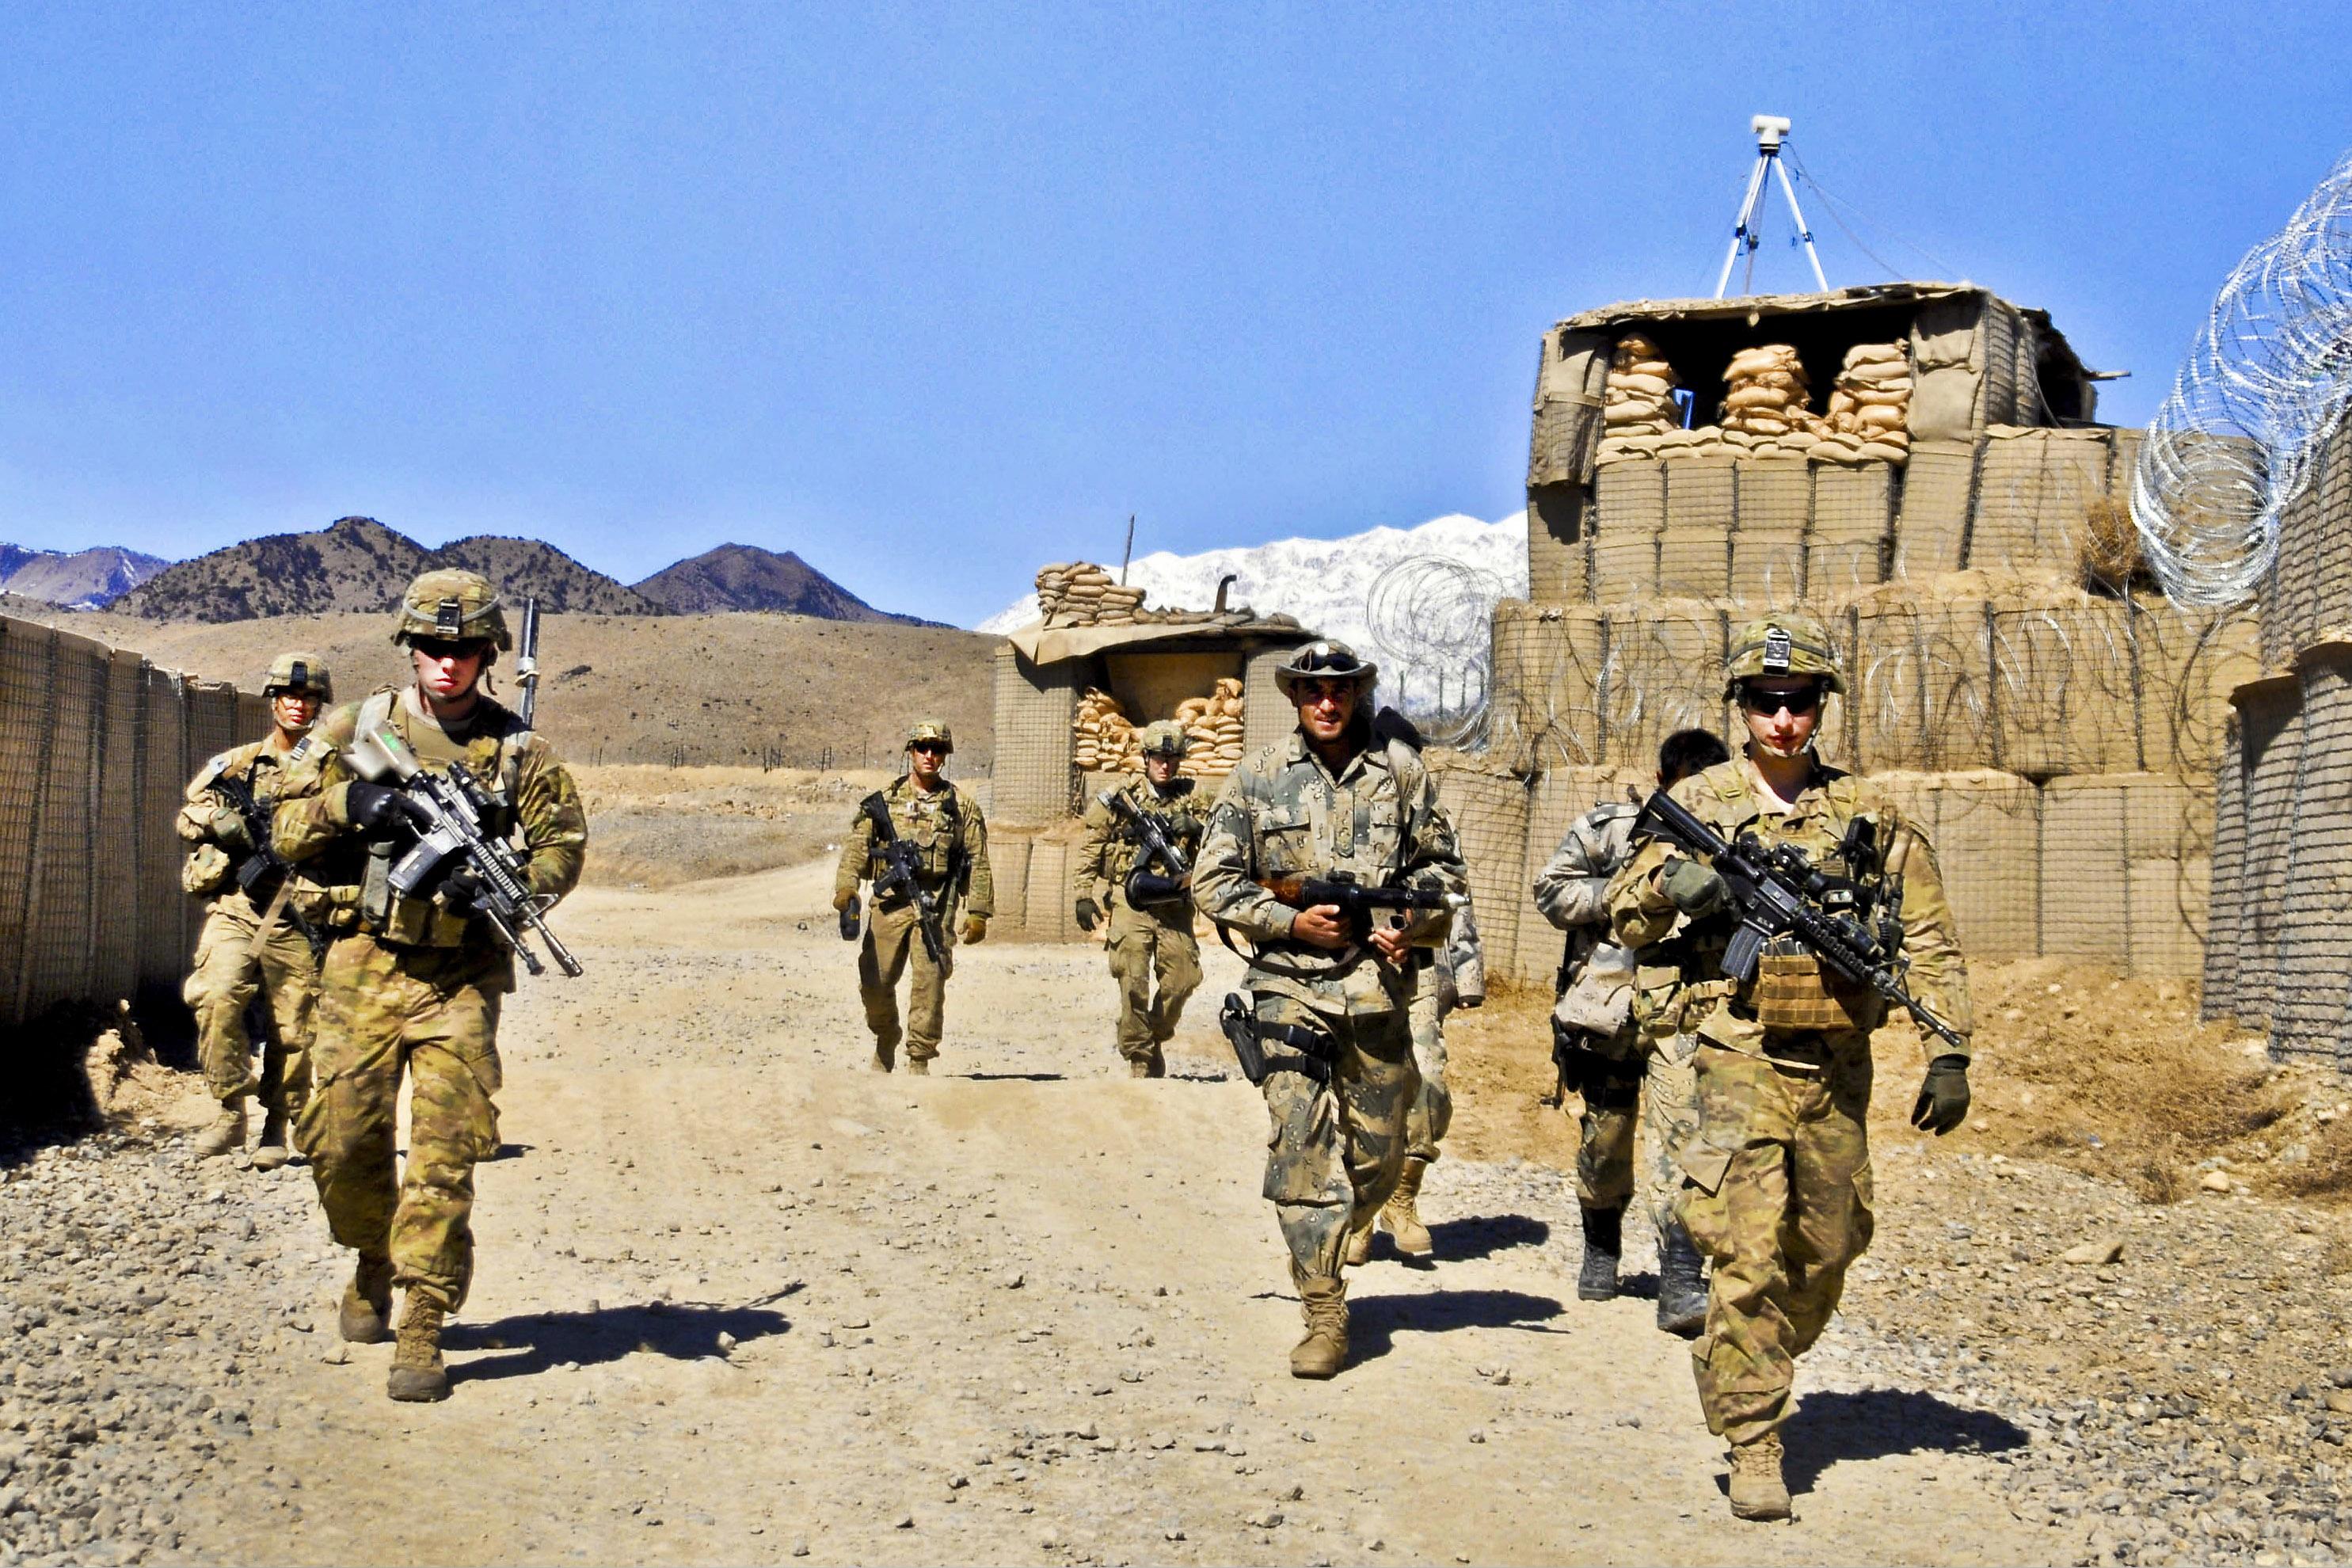 u s military presence in afghanistan Rumsfeld speaks at the us base in kabul, afghanistan, may 2003 ap/  rumsfeld  a us soldier outside a us military base in helmand province,  2006 ap.